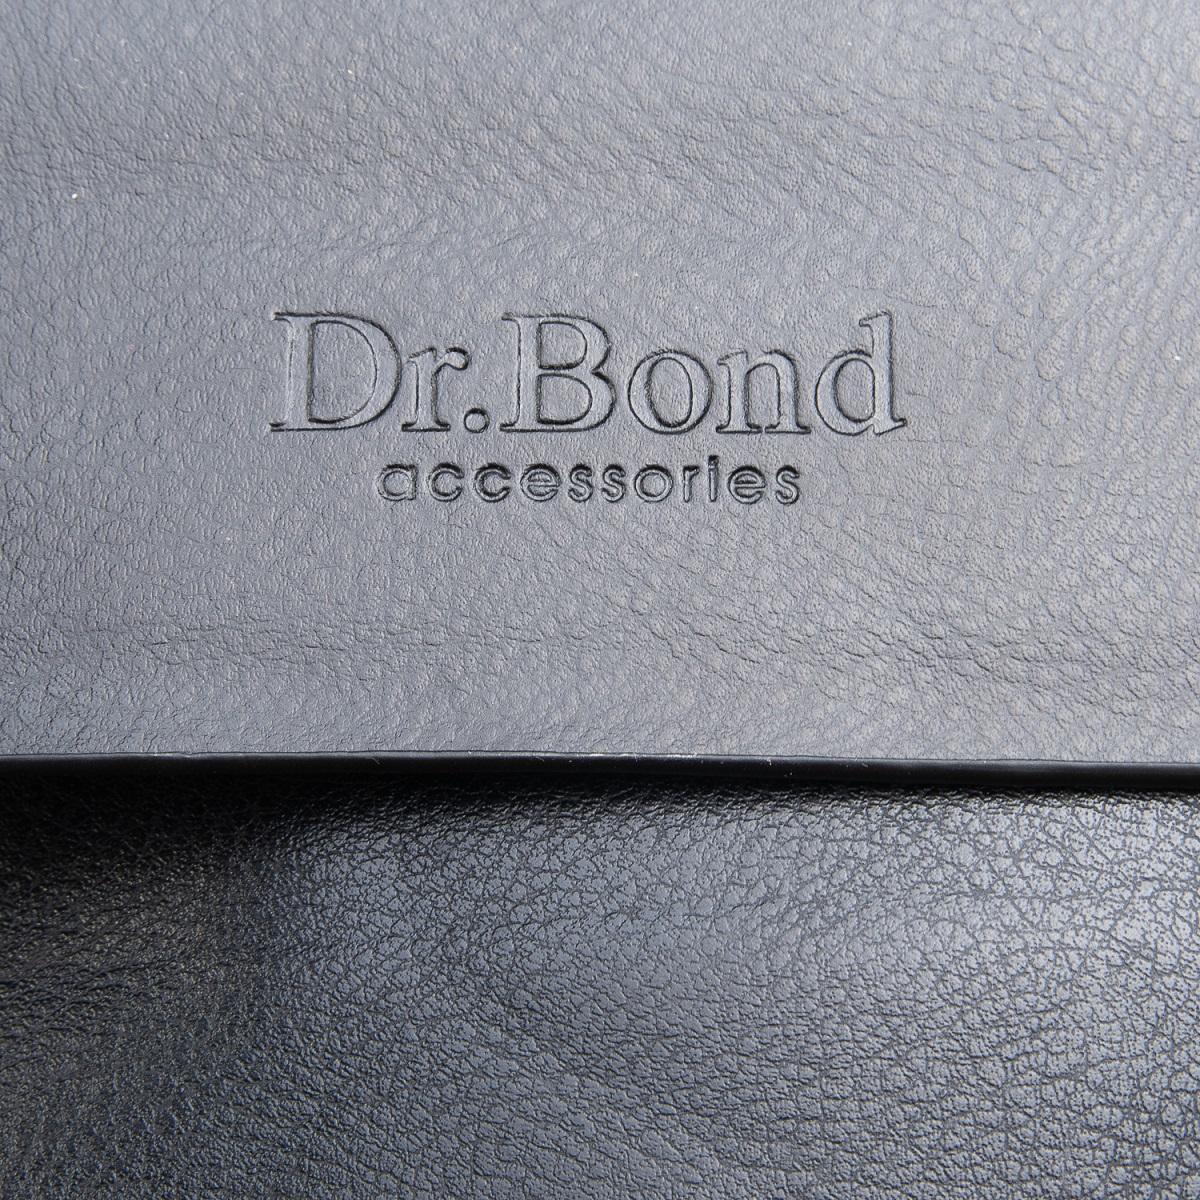 Сумка Мужская Планшет иск-кожа DR. BOND GL 218-3 black - фото 3